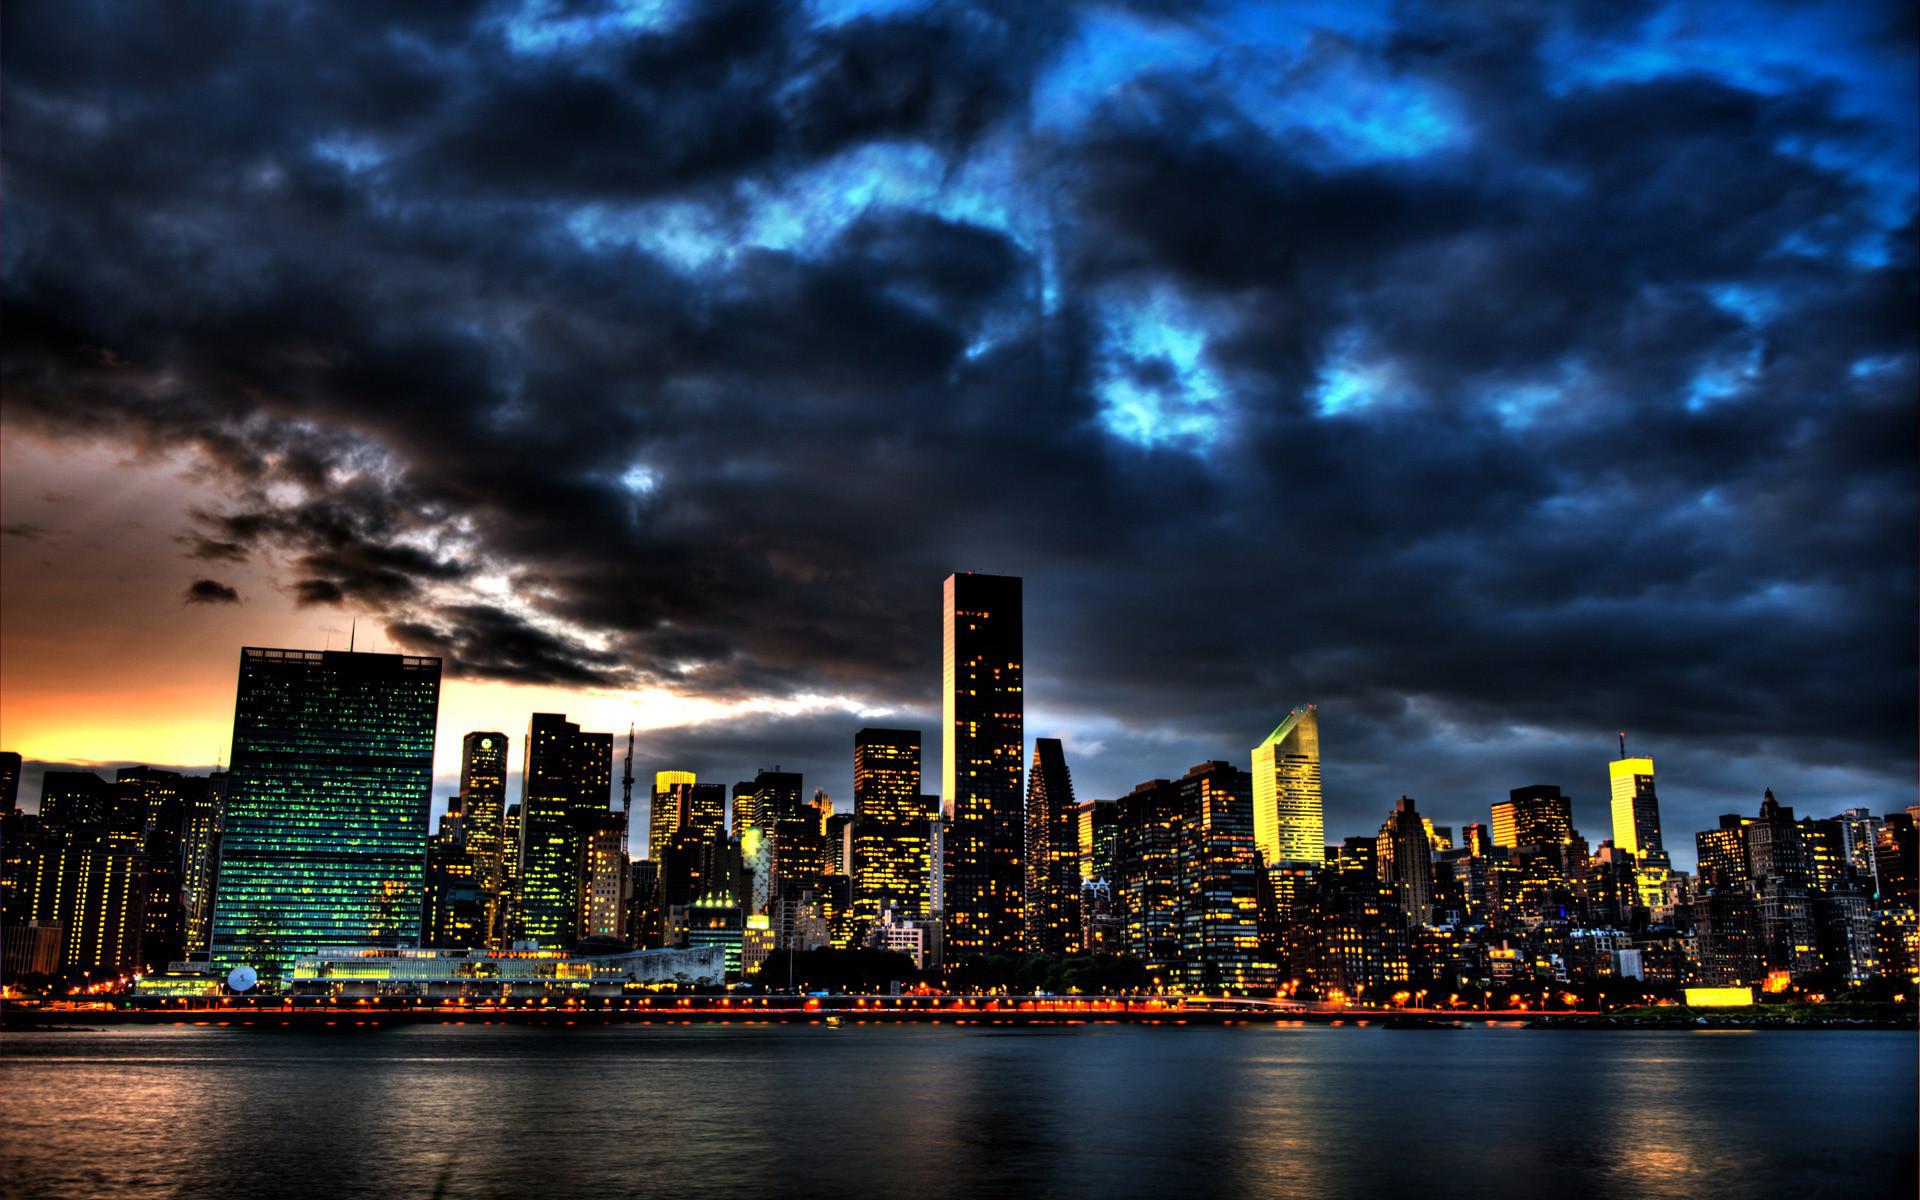 New York Skyline at Night Wallpaper HD 5 City High Resolution Wallpaper  Full…